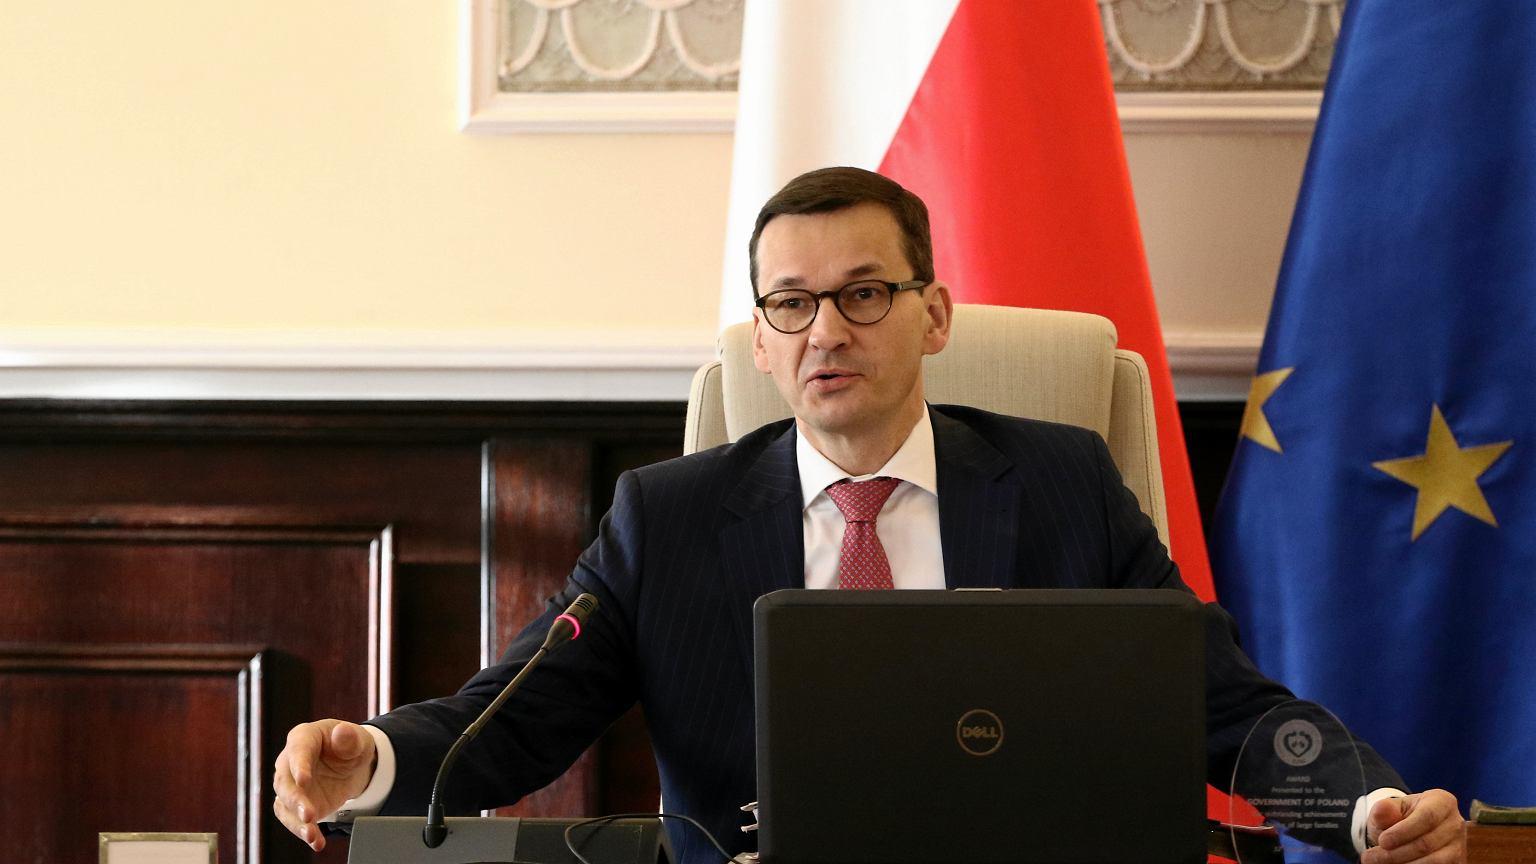 Zamach Na Meczet Facebook: Premier Morawiecki Tłumaczy Zagranicznym Dziennikarzom